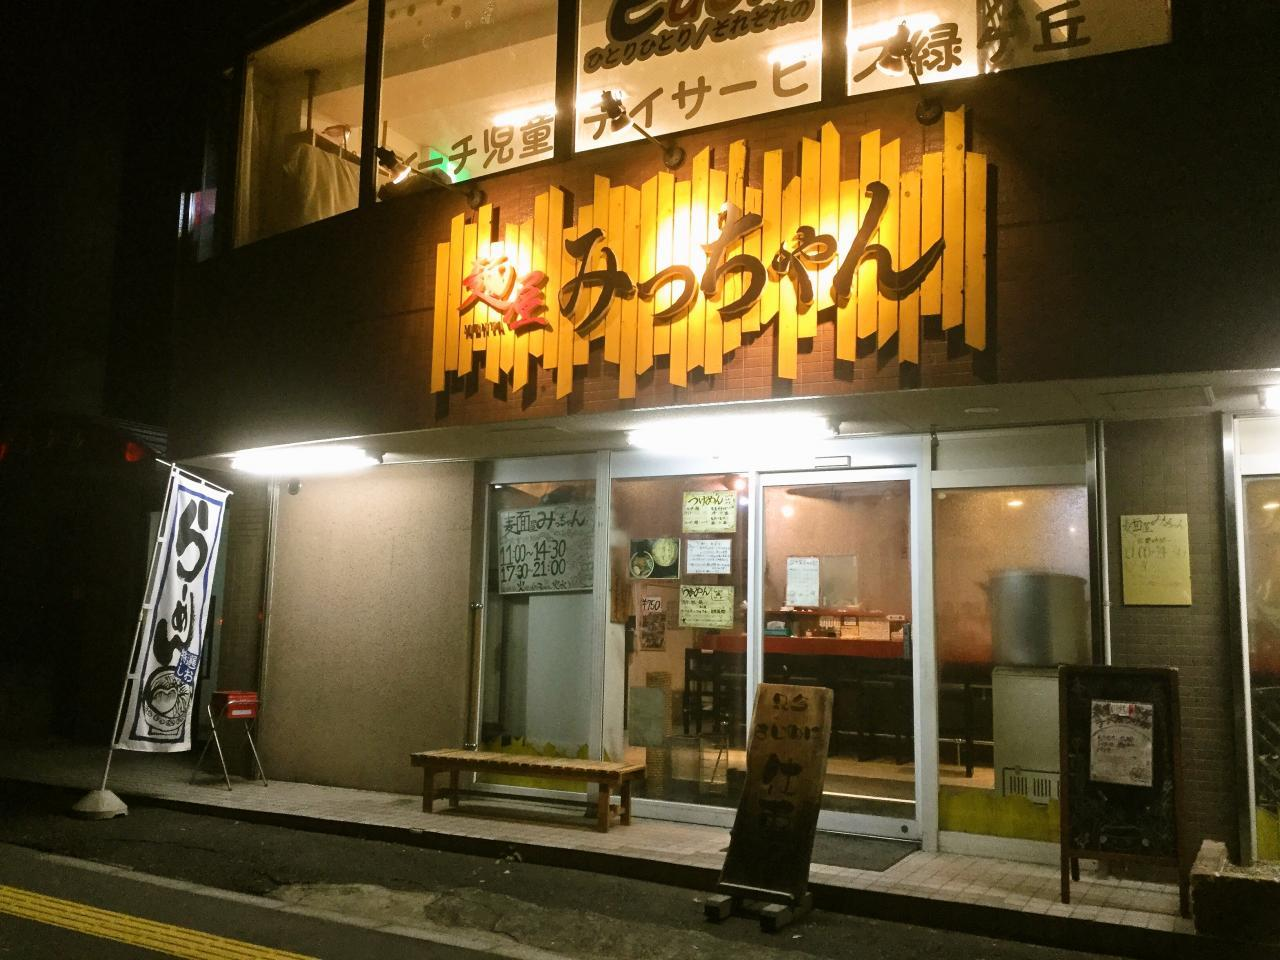 麺屋みっちゃん(店舗)